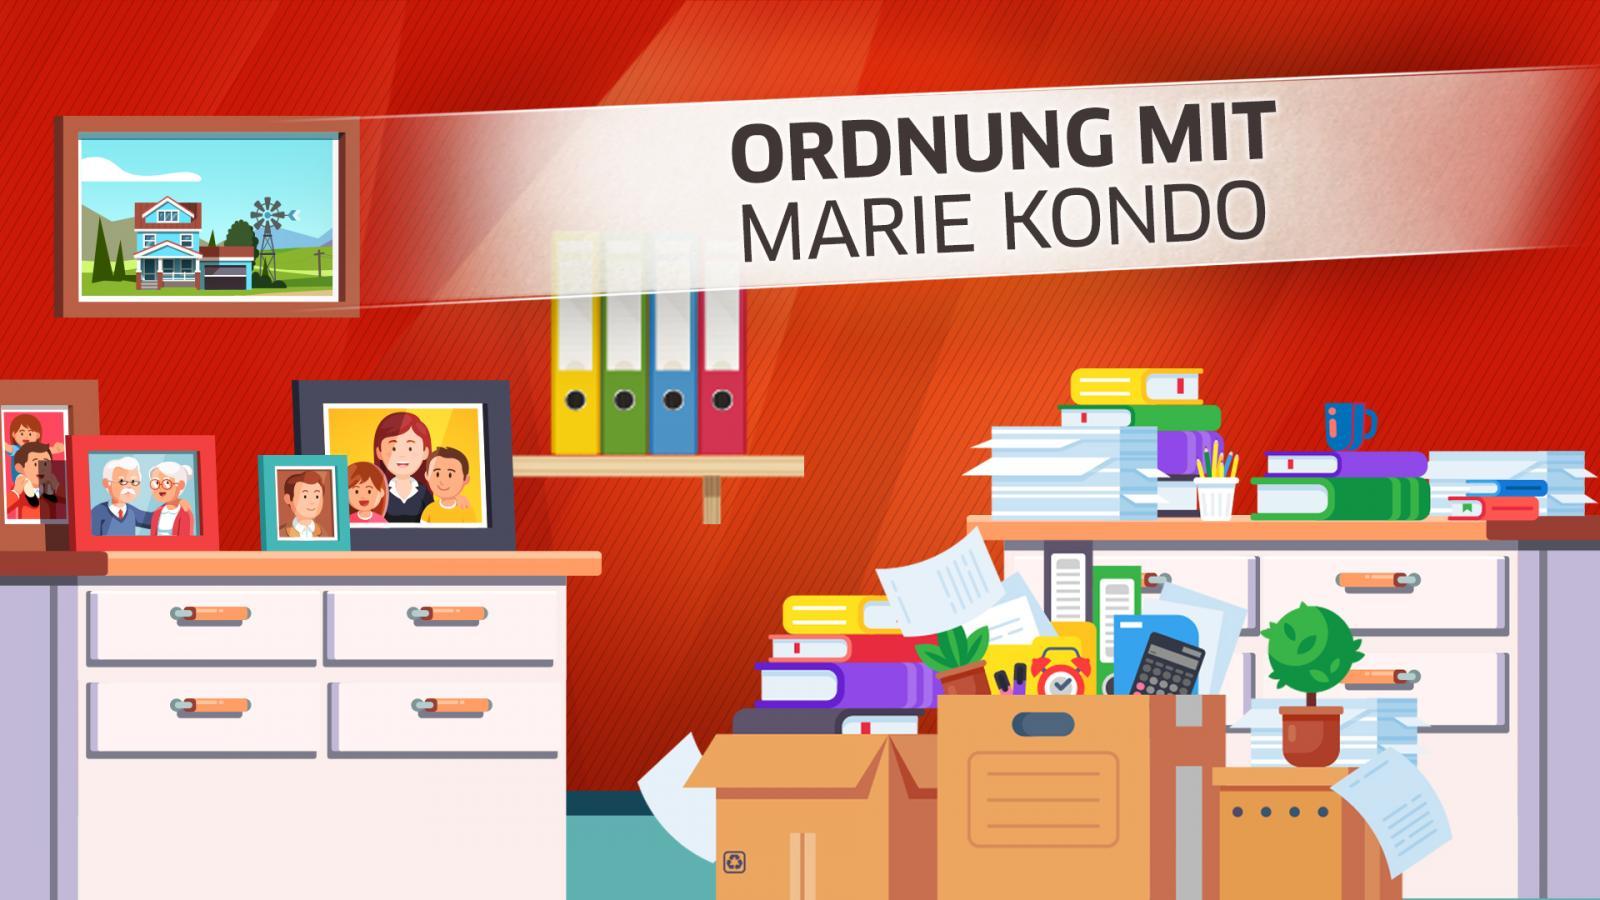 Küche, Keller, Kinderzimmer: Lässt sich wirklich alles nach Marie ...